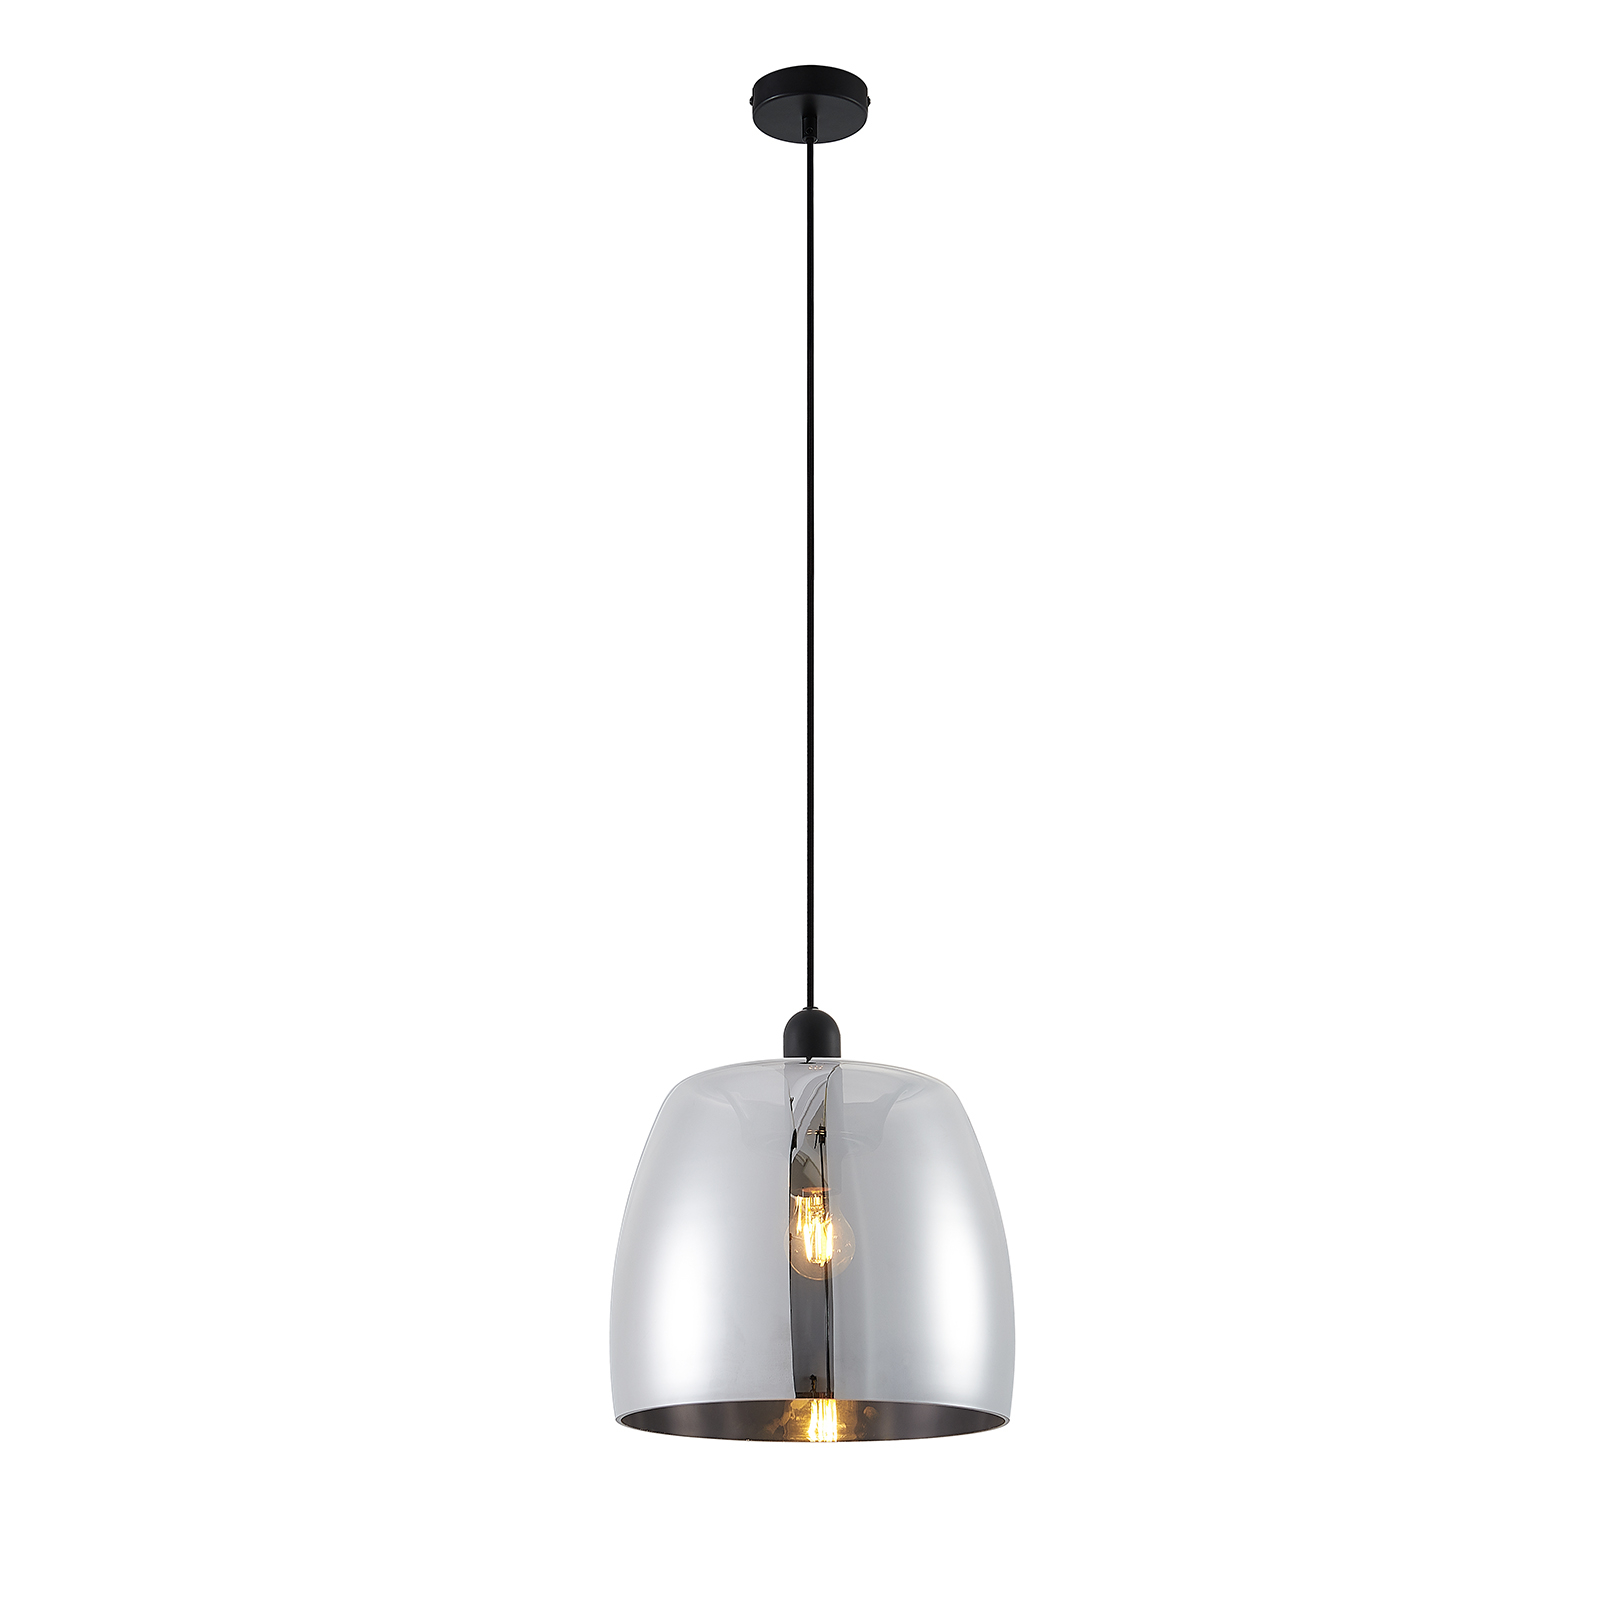 Lindby Yrell hængelampe med røgglas, 1 lyskilde